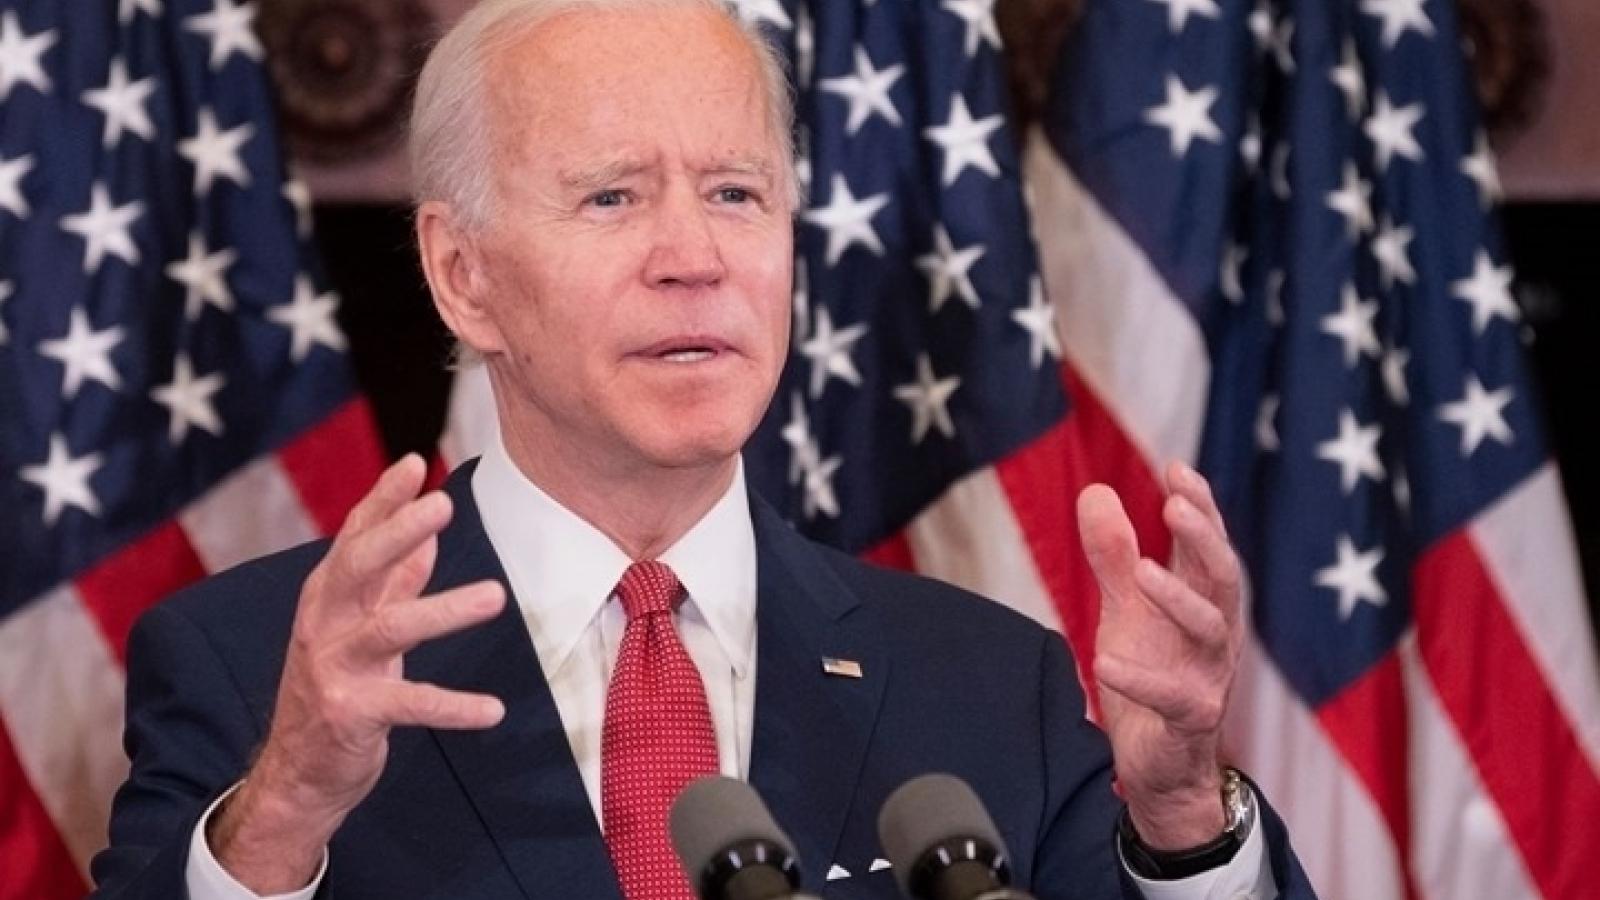 Joe Biden thành lập nhóm chuyển giao quyền lực Nhà Trắng